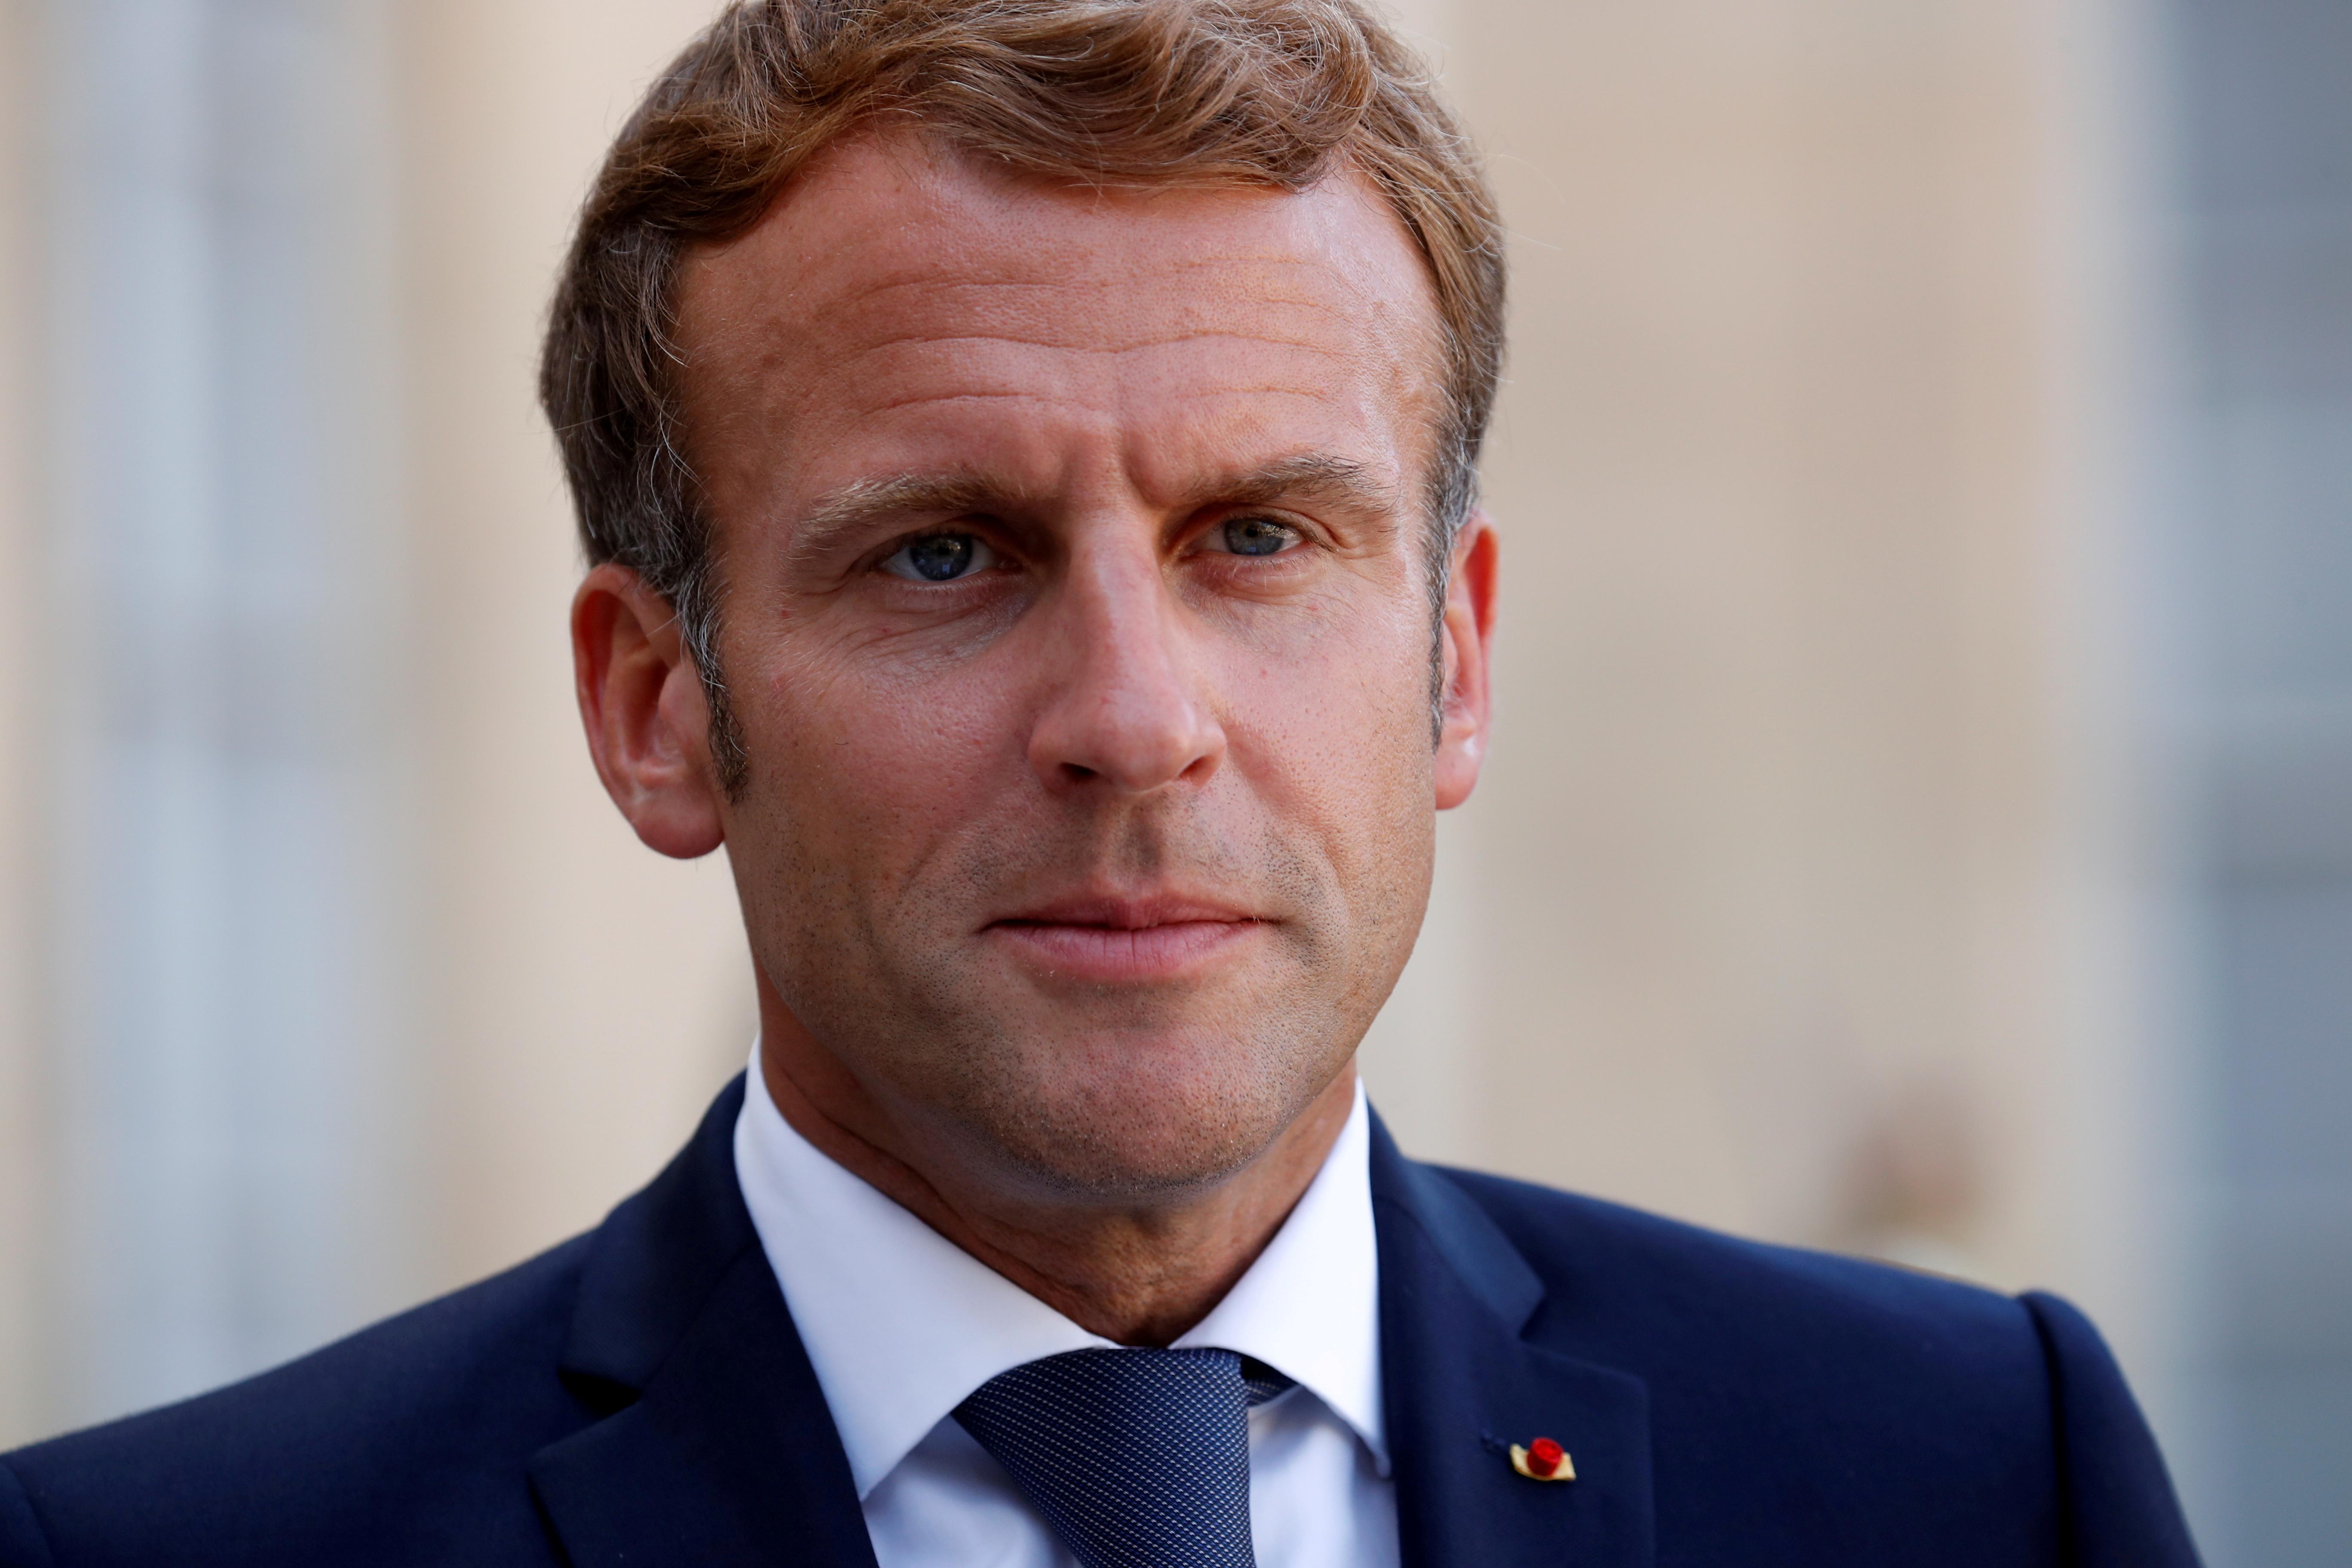 Le président français Emmanuel Macron prononce une déclaration conjointe avec le président chilien Sebastian Pinera (pas vu) après une réunion à l'Elysée à Paris, France, le 6 septembre 2021. REUTERS/Gonzalo Fuentes/File Photo